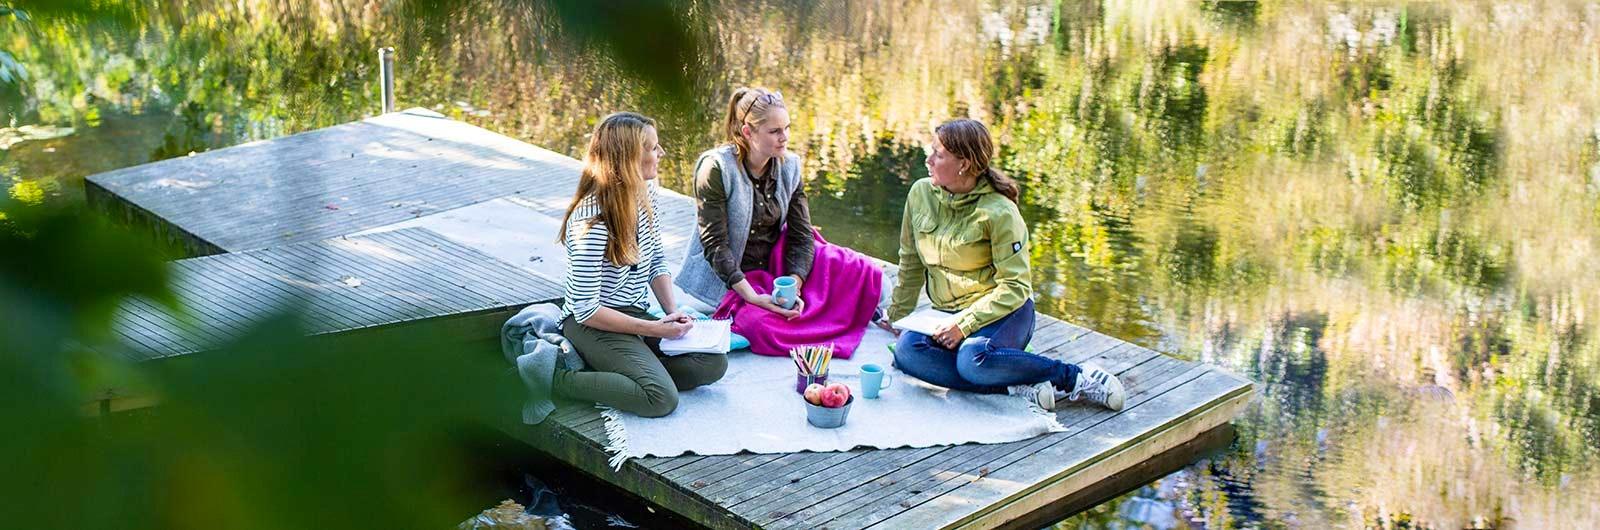 Kvinnor på brygga efter naturnära konferens